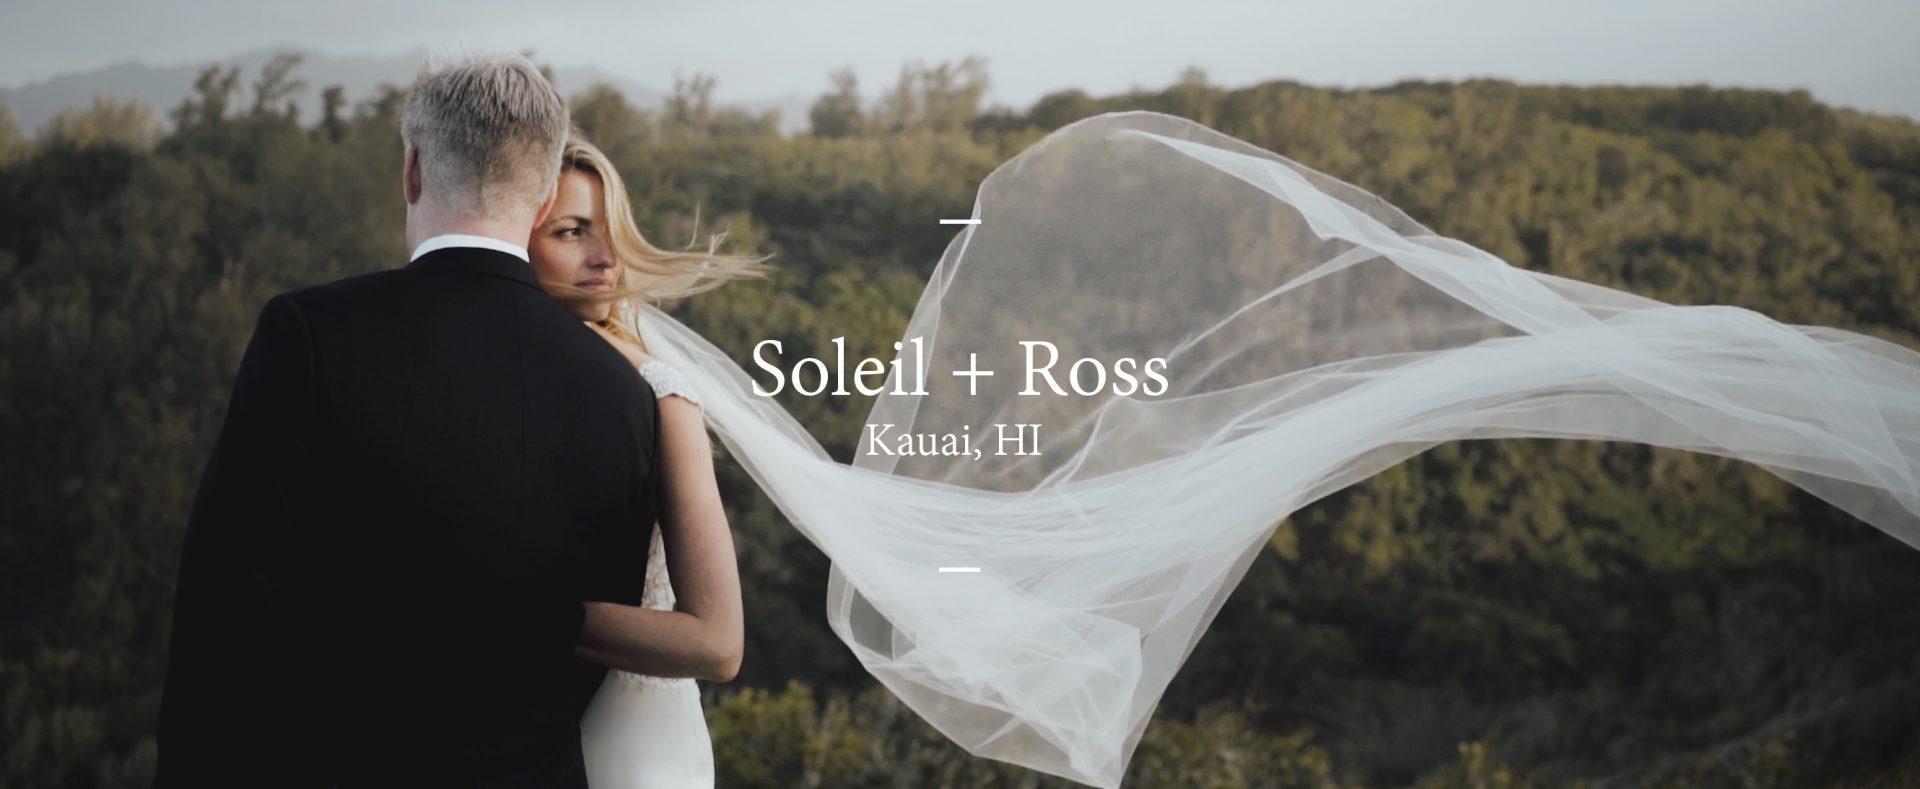 Soleil + Ross | Kauai, Hawaii | Na Aina Kai Botanical Gardens